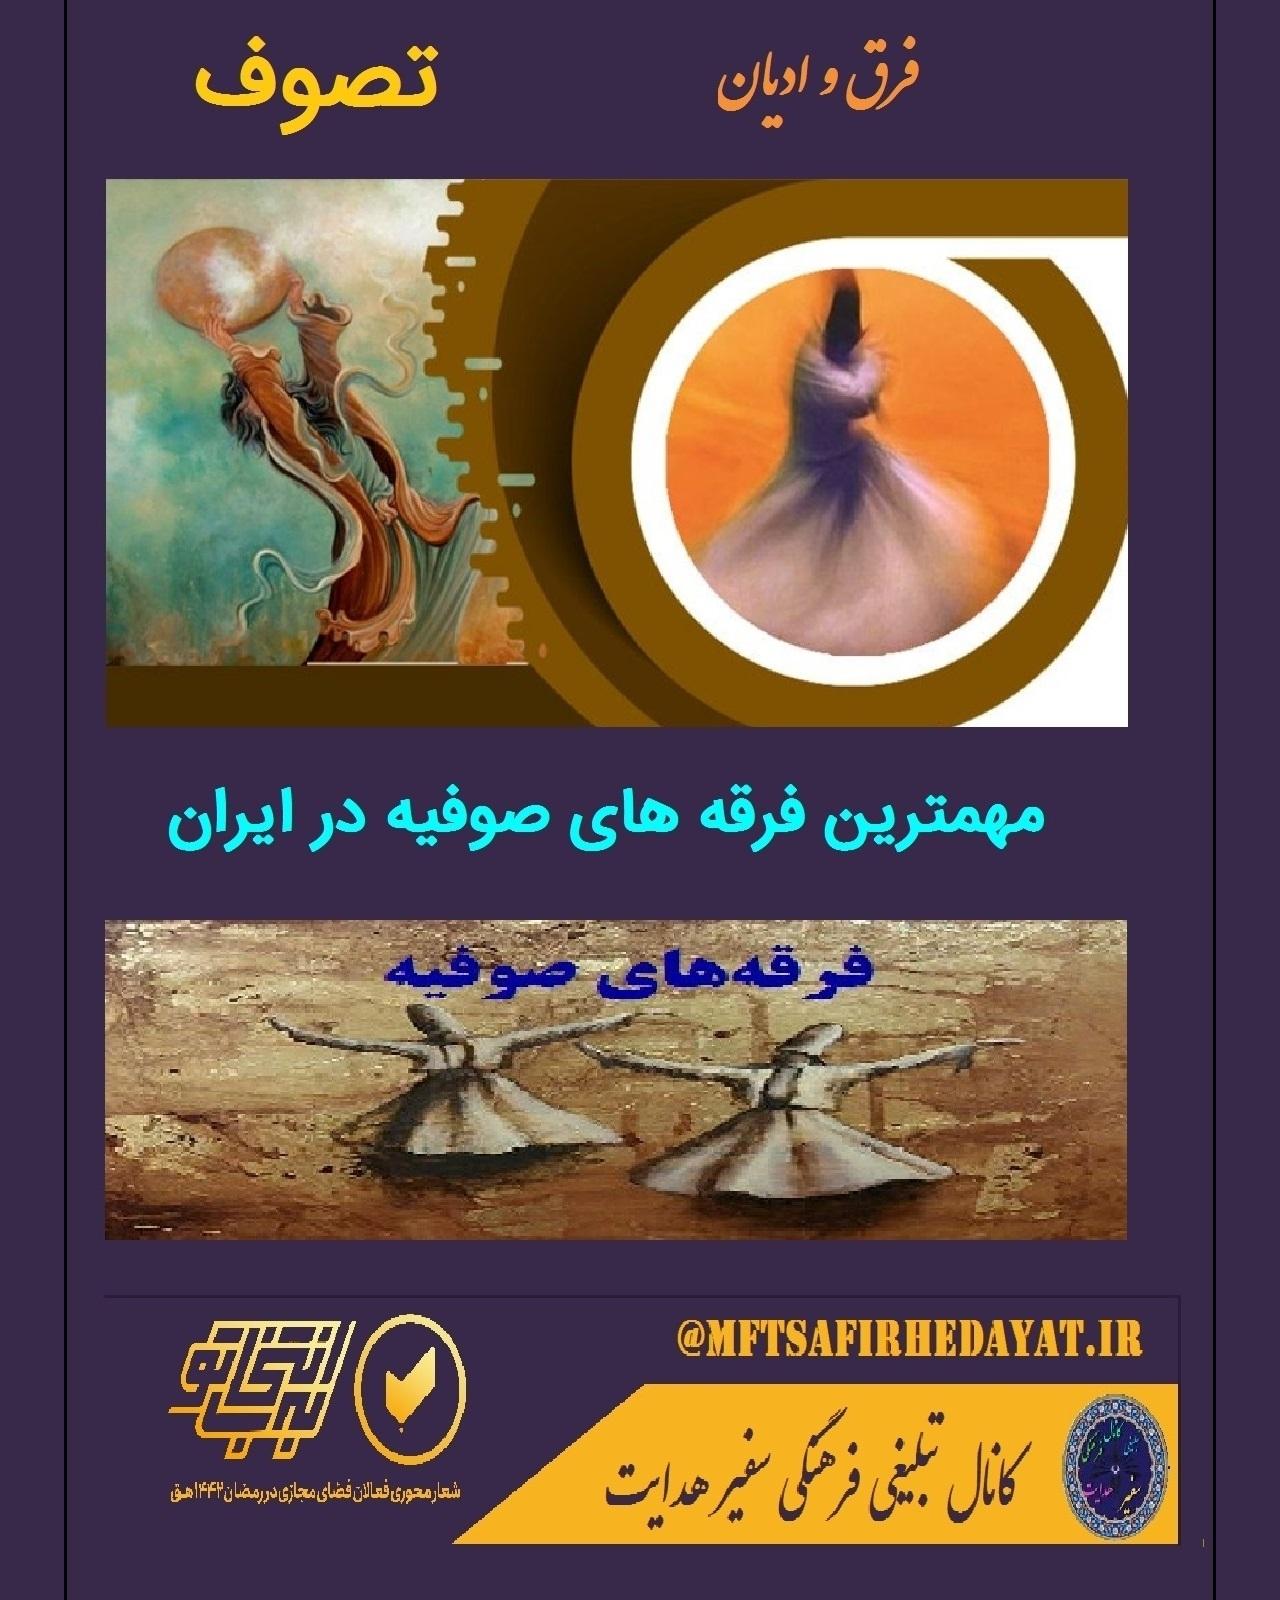 مهمترین فرقه های صوفیه در ایران